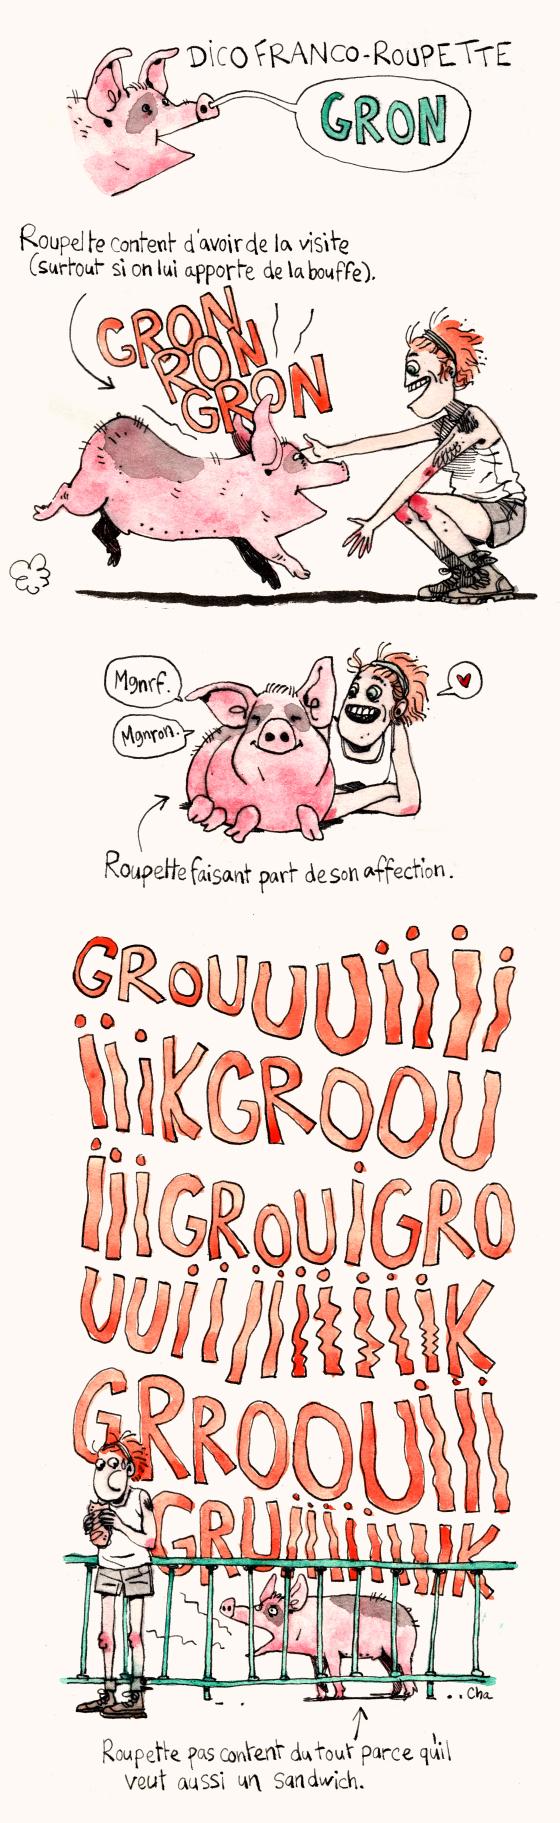 Dico franco-roupette le cochon